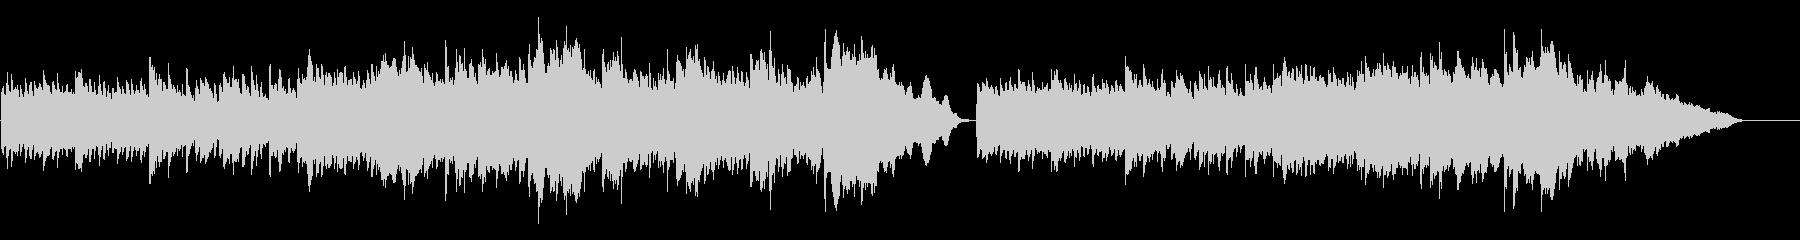 企業VP19 16bit48kHzVerの未再生の波形